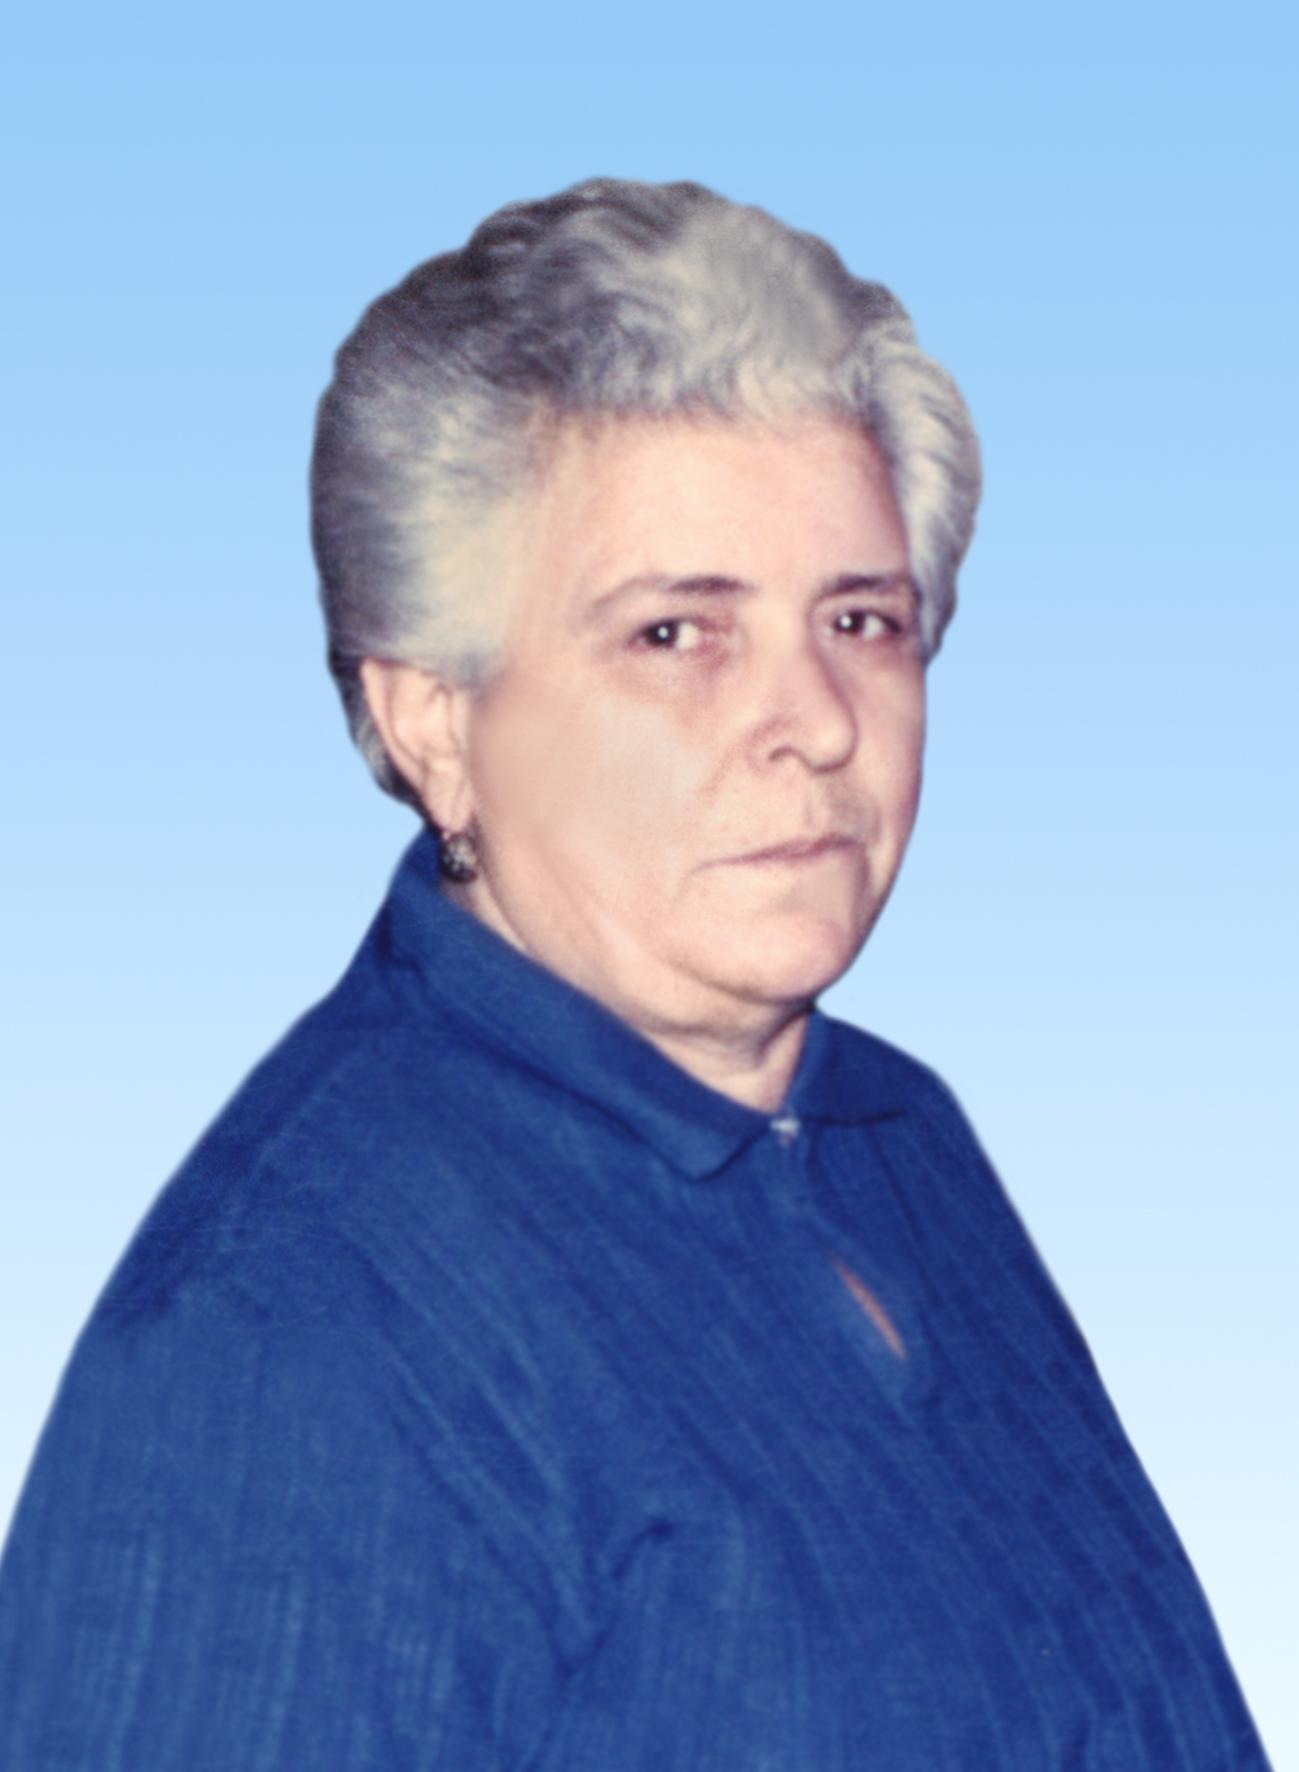 MARRETTA MARIA GRAZIA